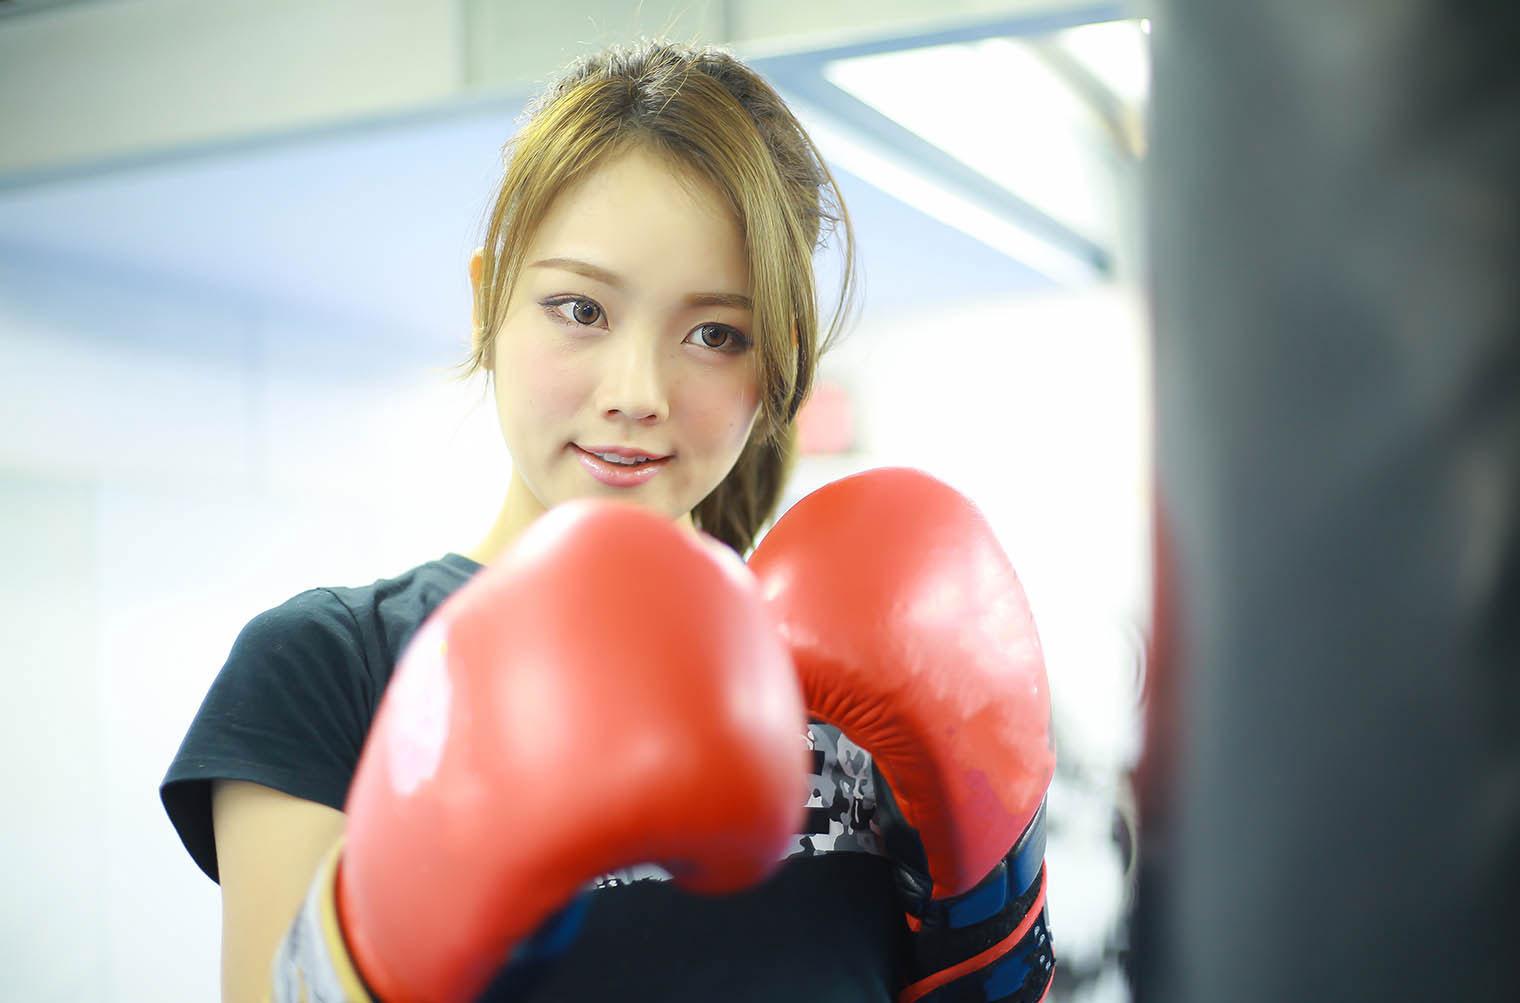 ボクシンググローブやボクシング用品のお手入れと収納方法について